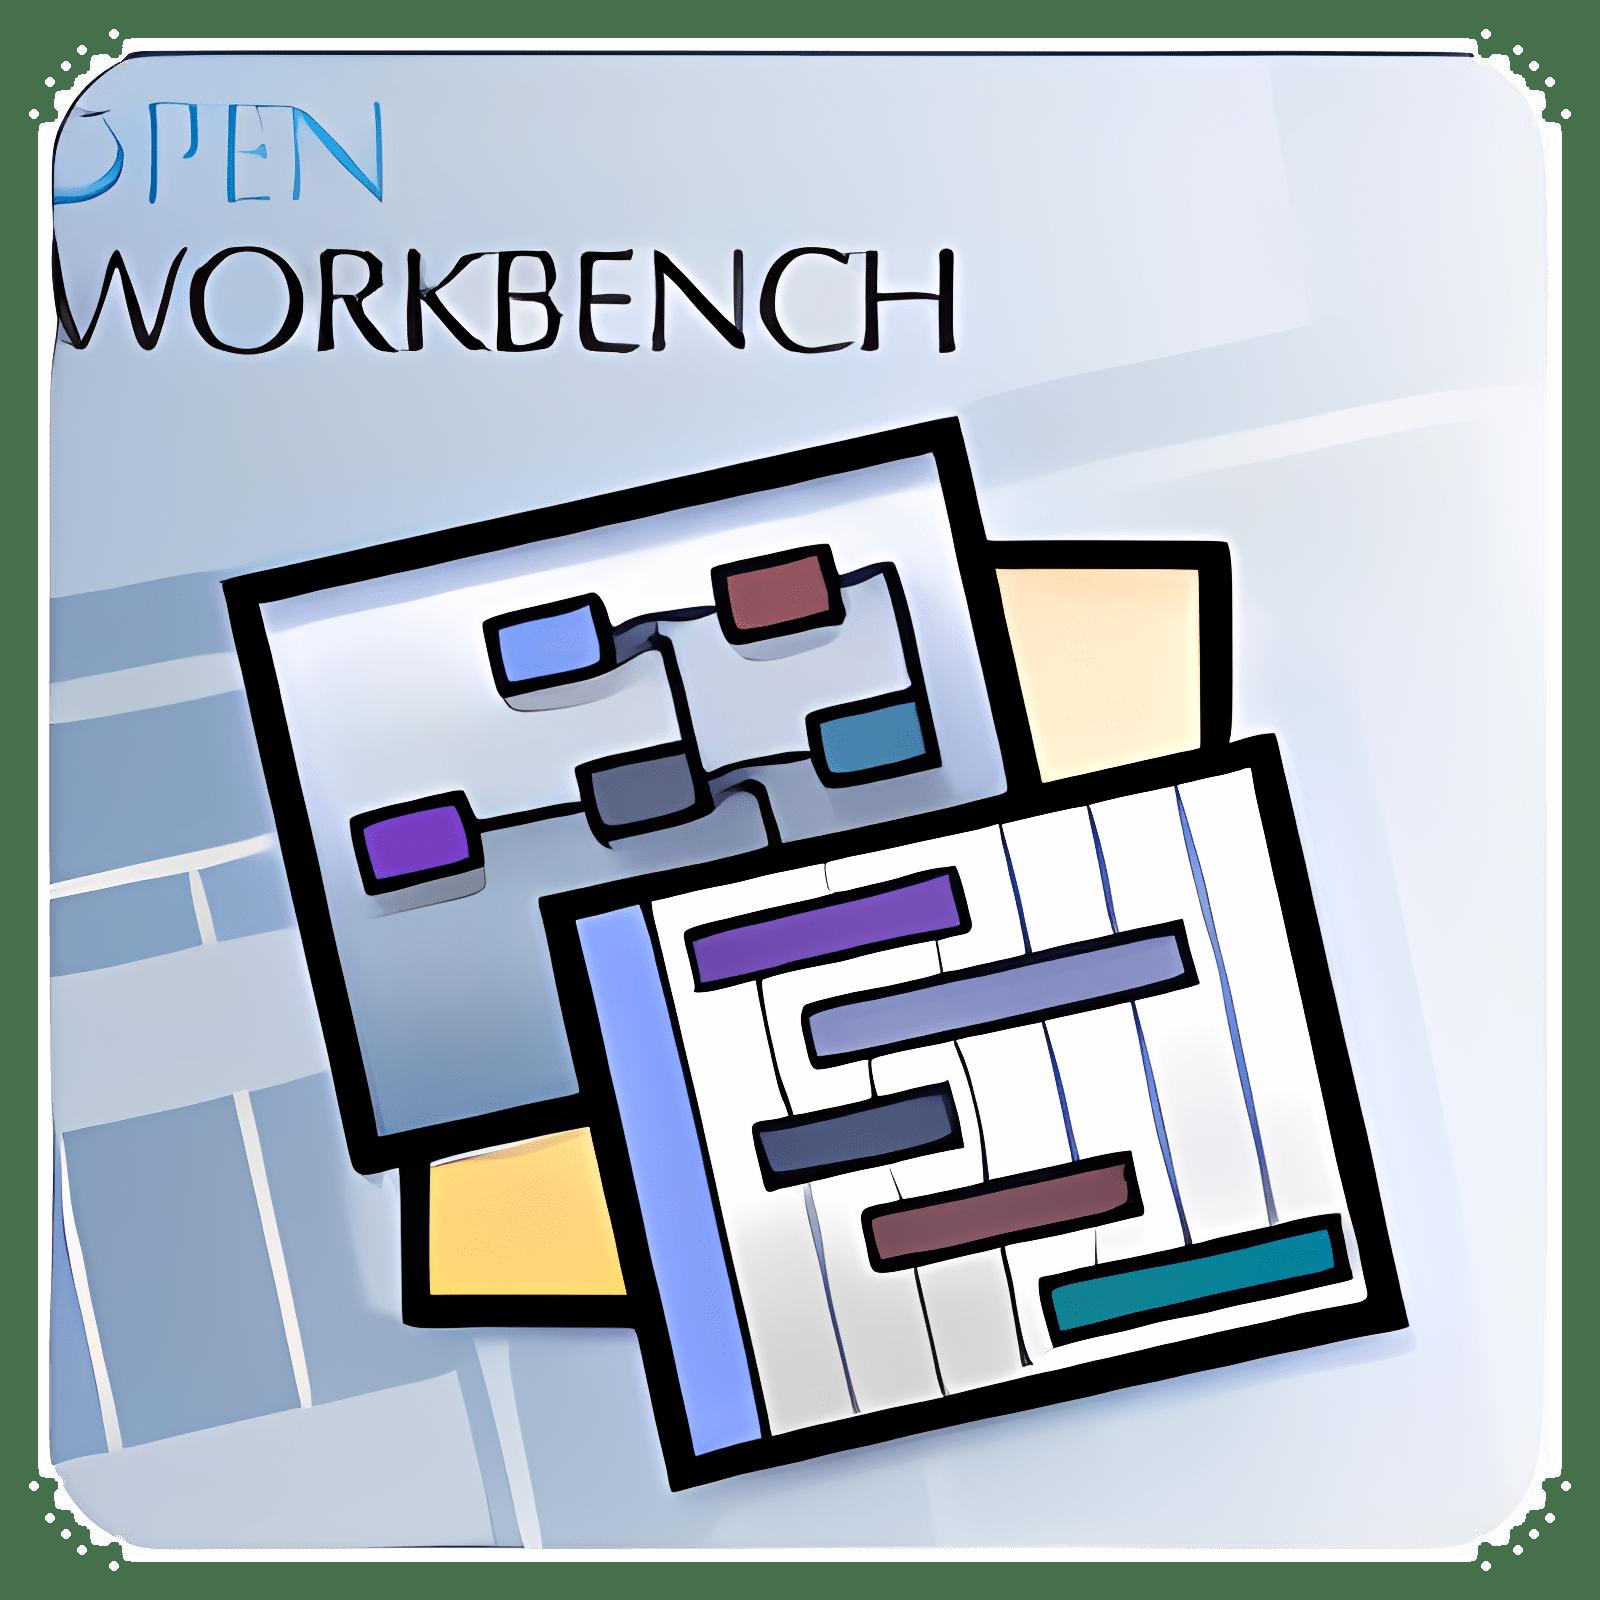 Open Workbench